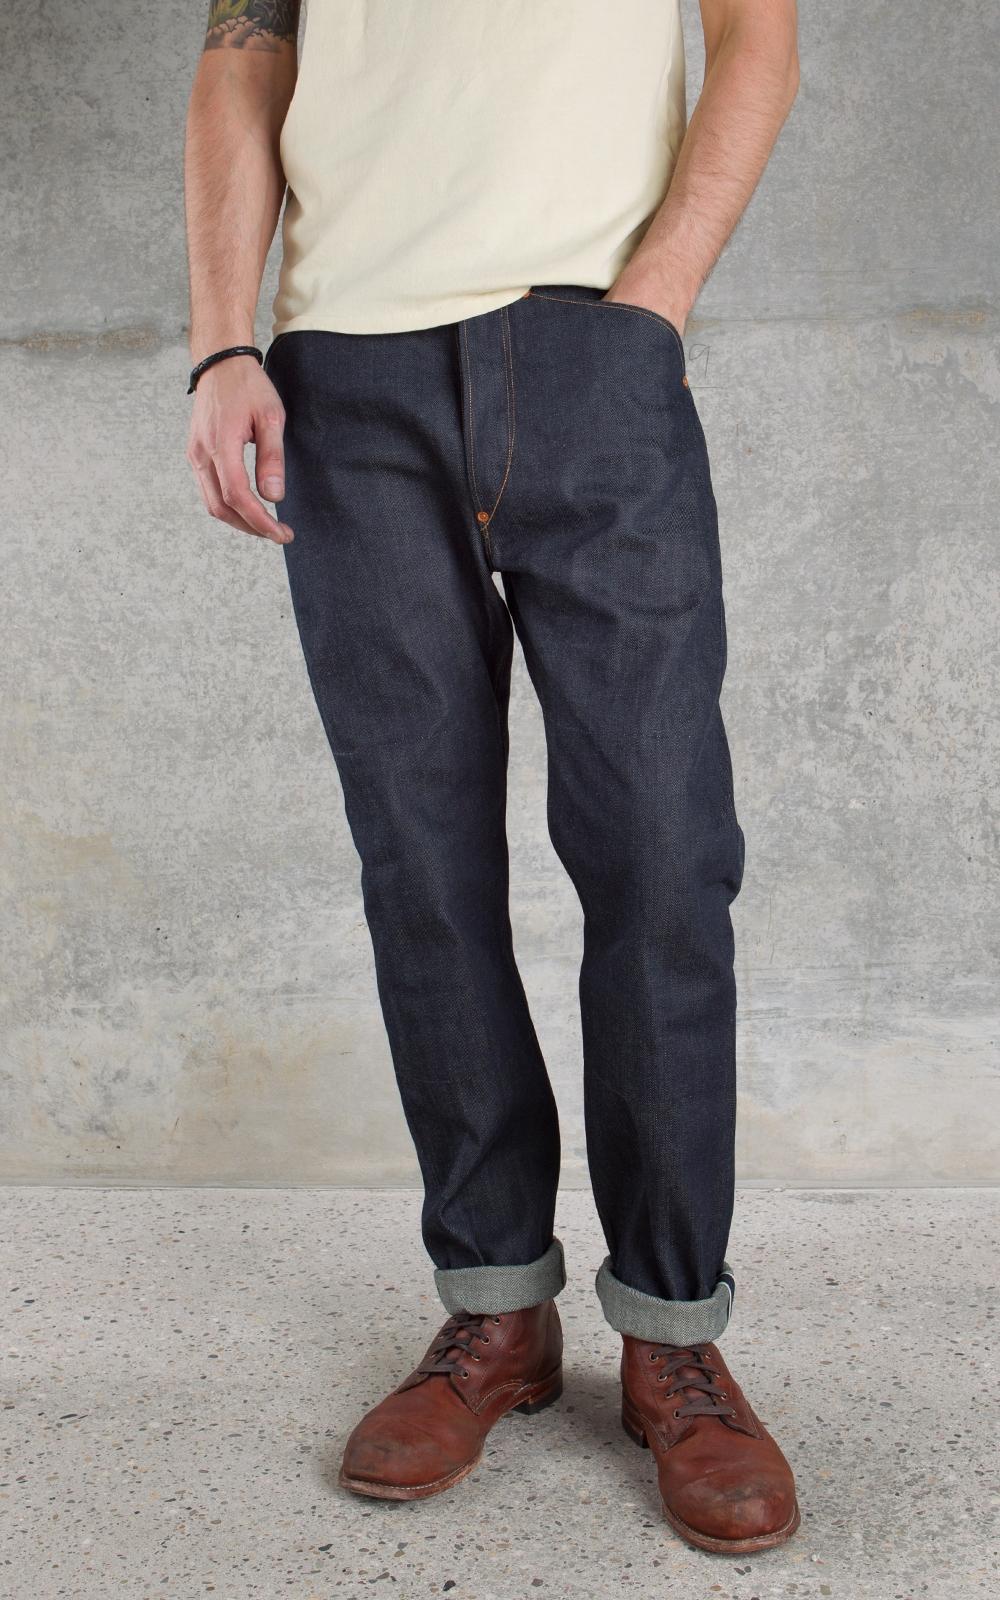 Cari Kasut Levi S Vintage Clothing 1878 Pantaloons Jeans